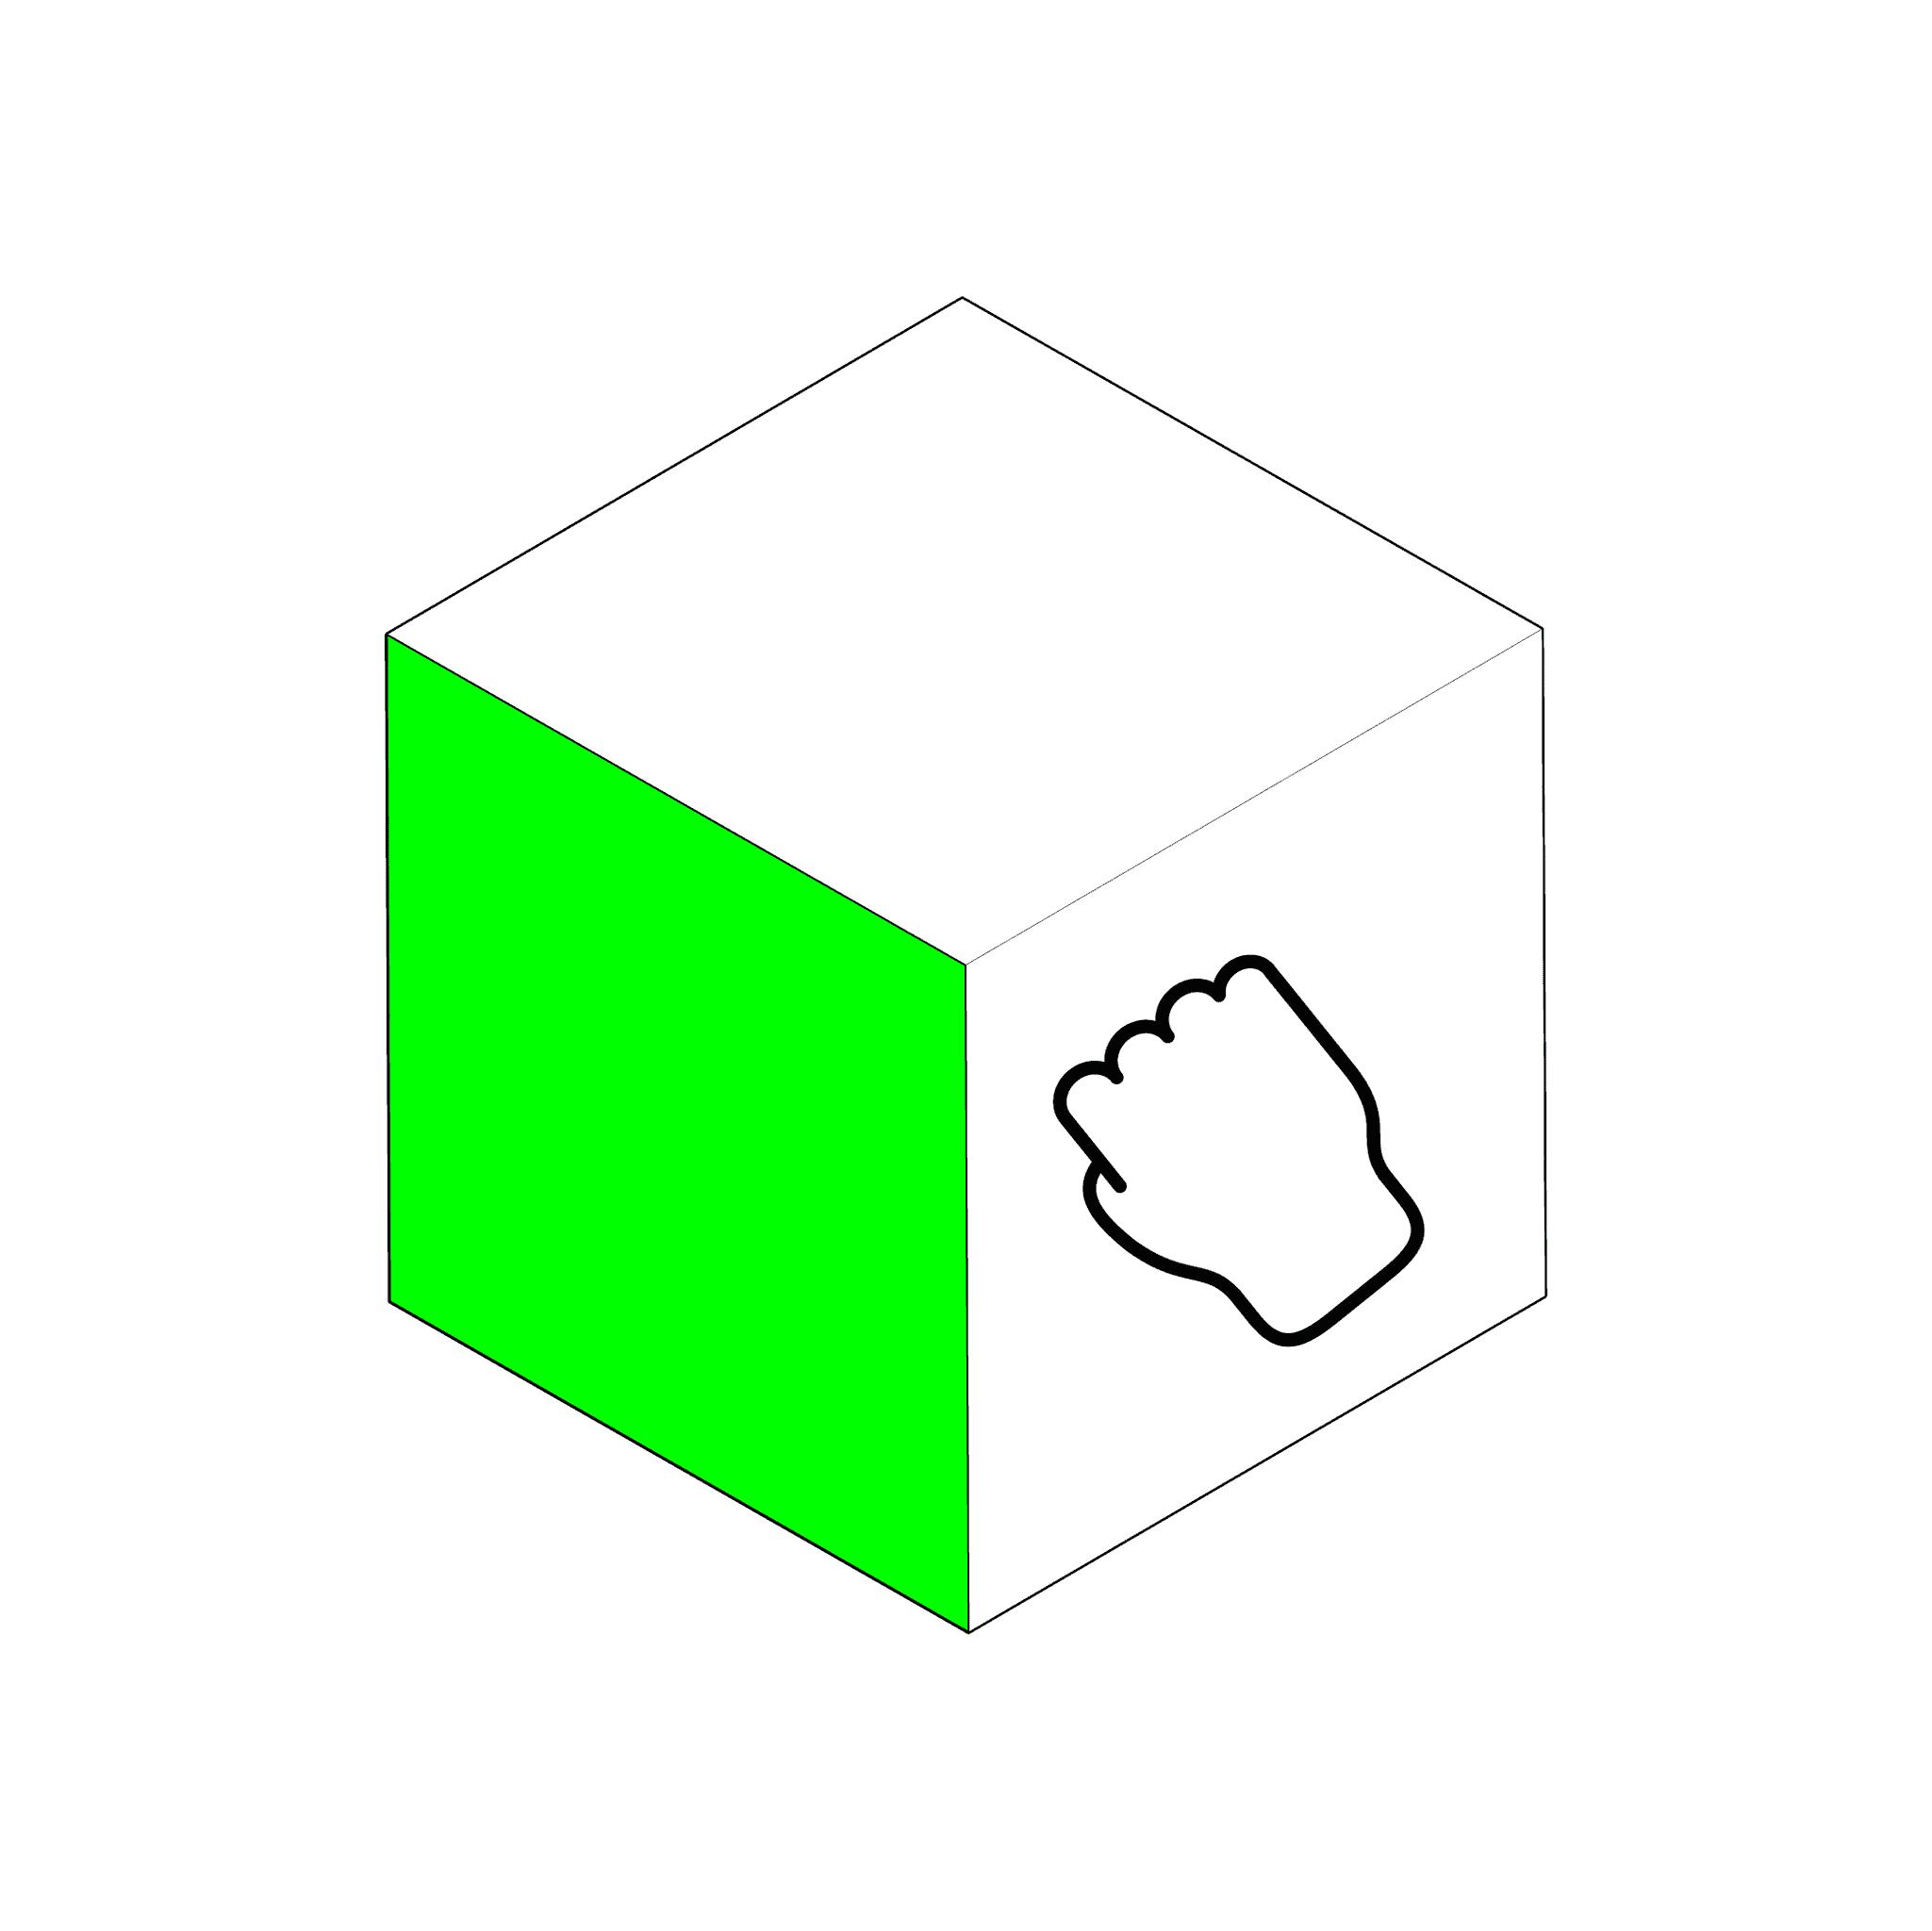 LEGENDA-01